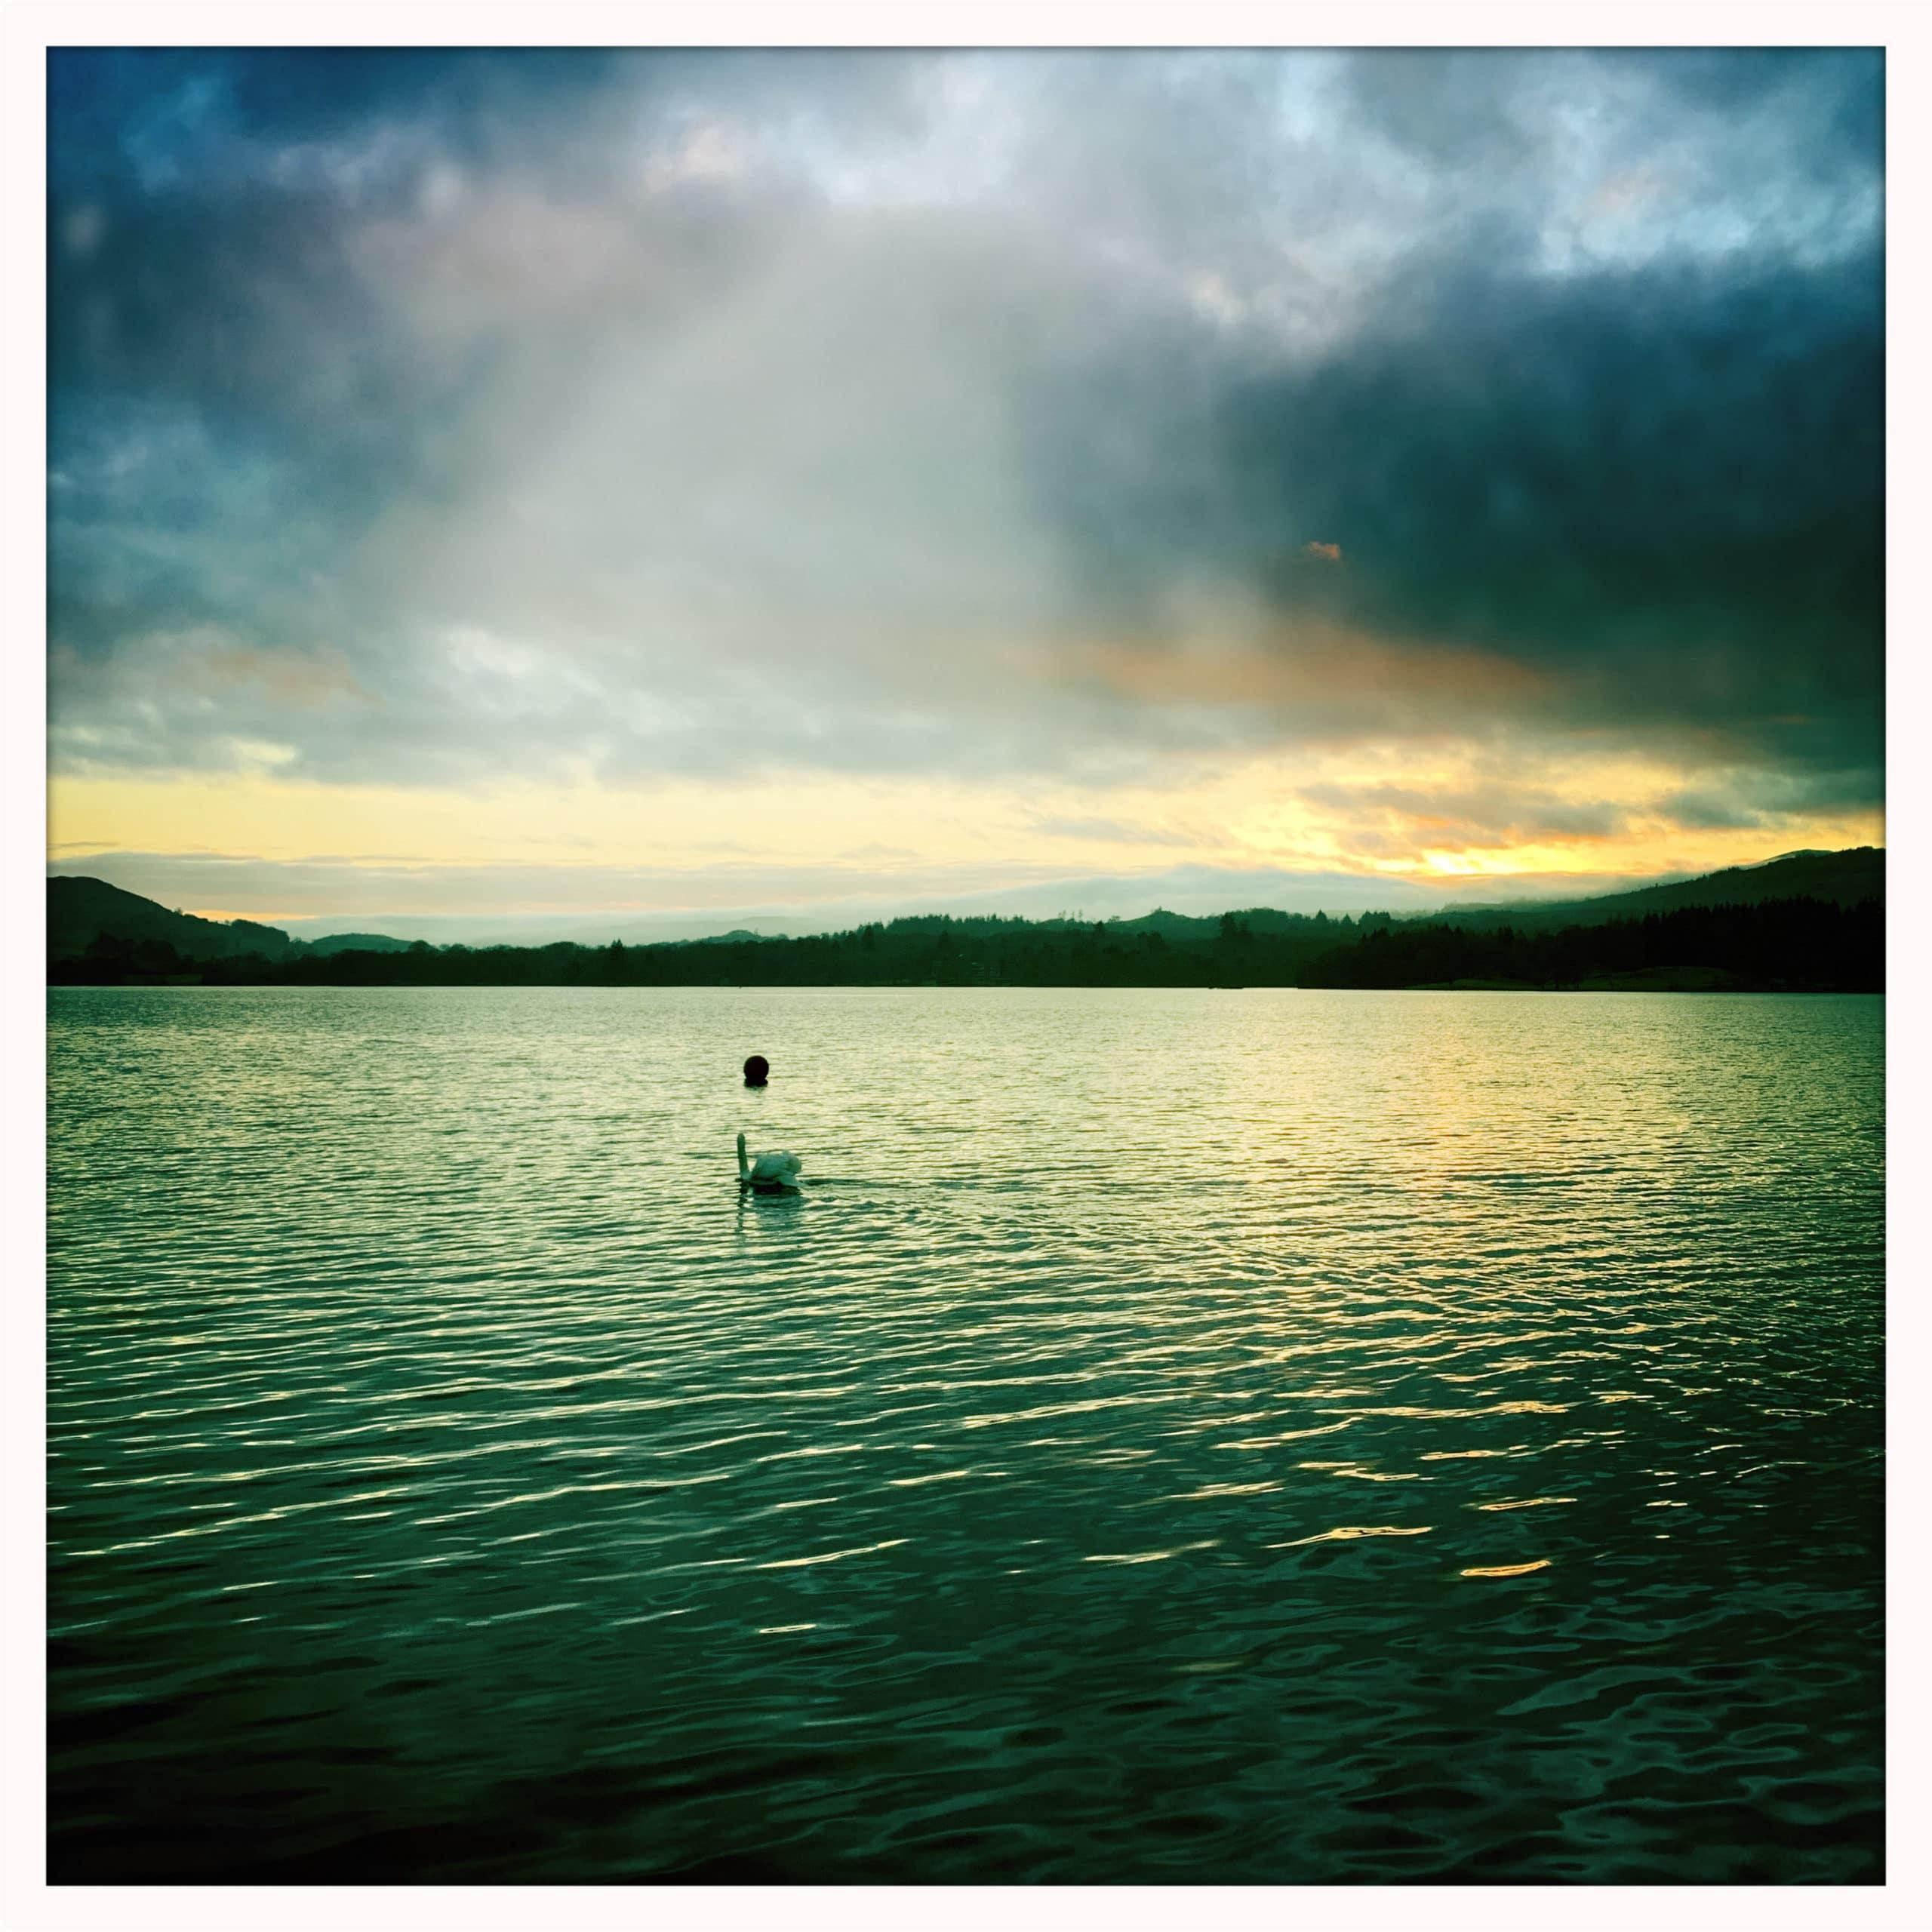 A Swan on Lake Windermere